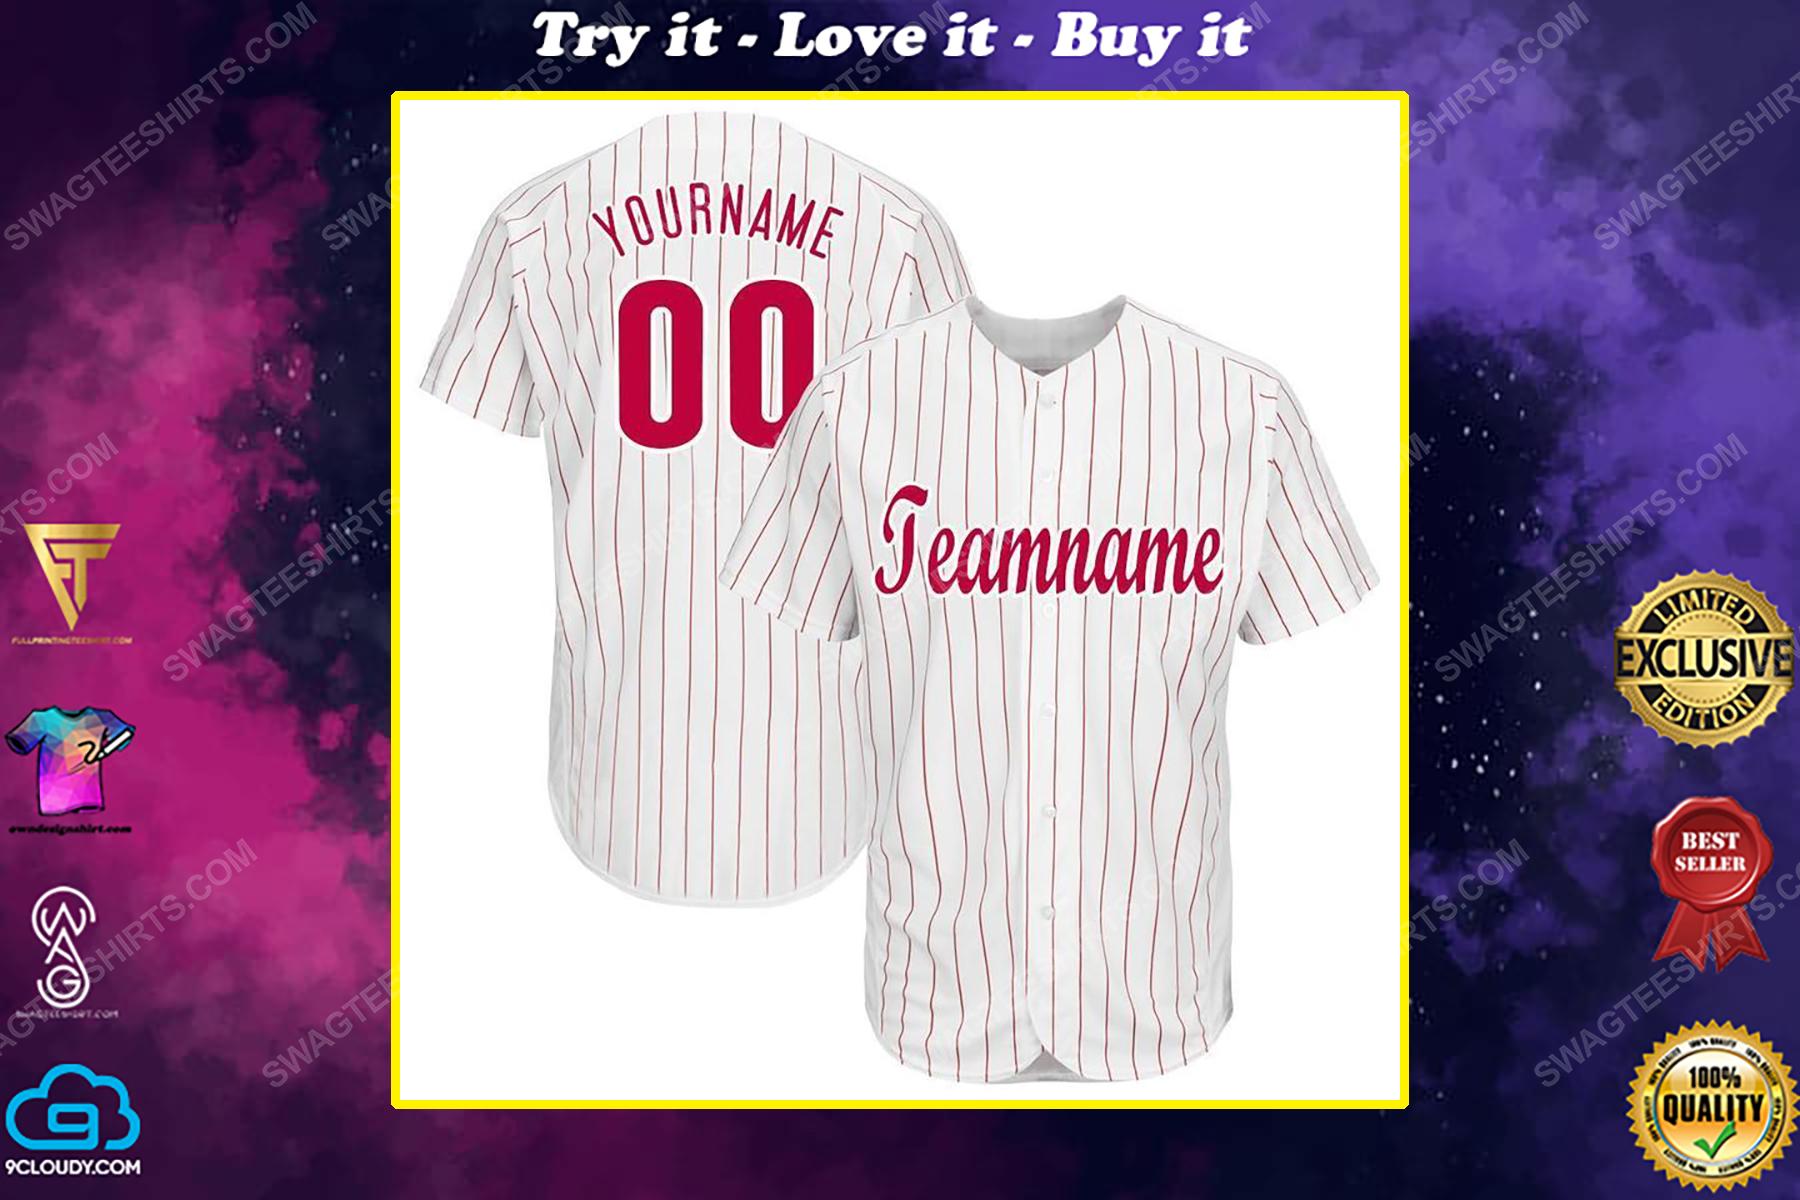 Custom team name philadelphia phillies full printed baseball jersey